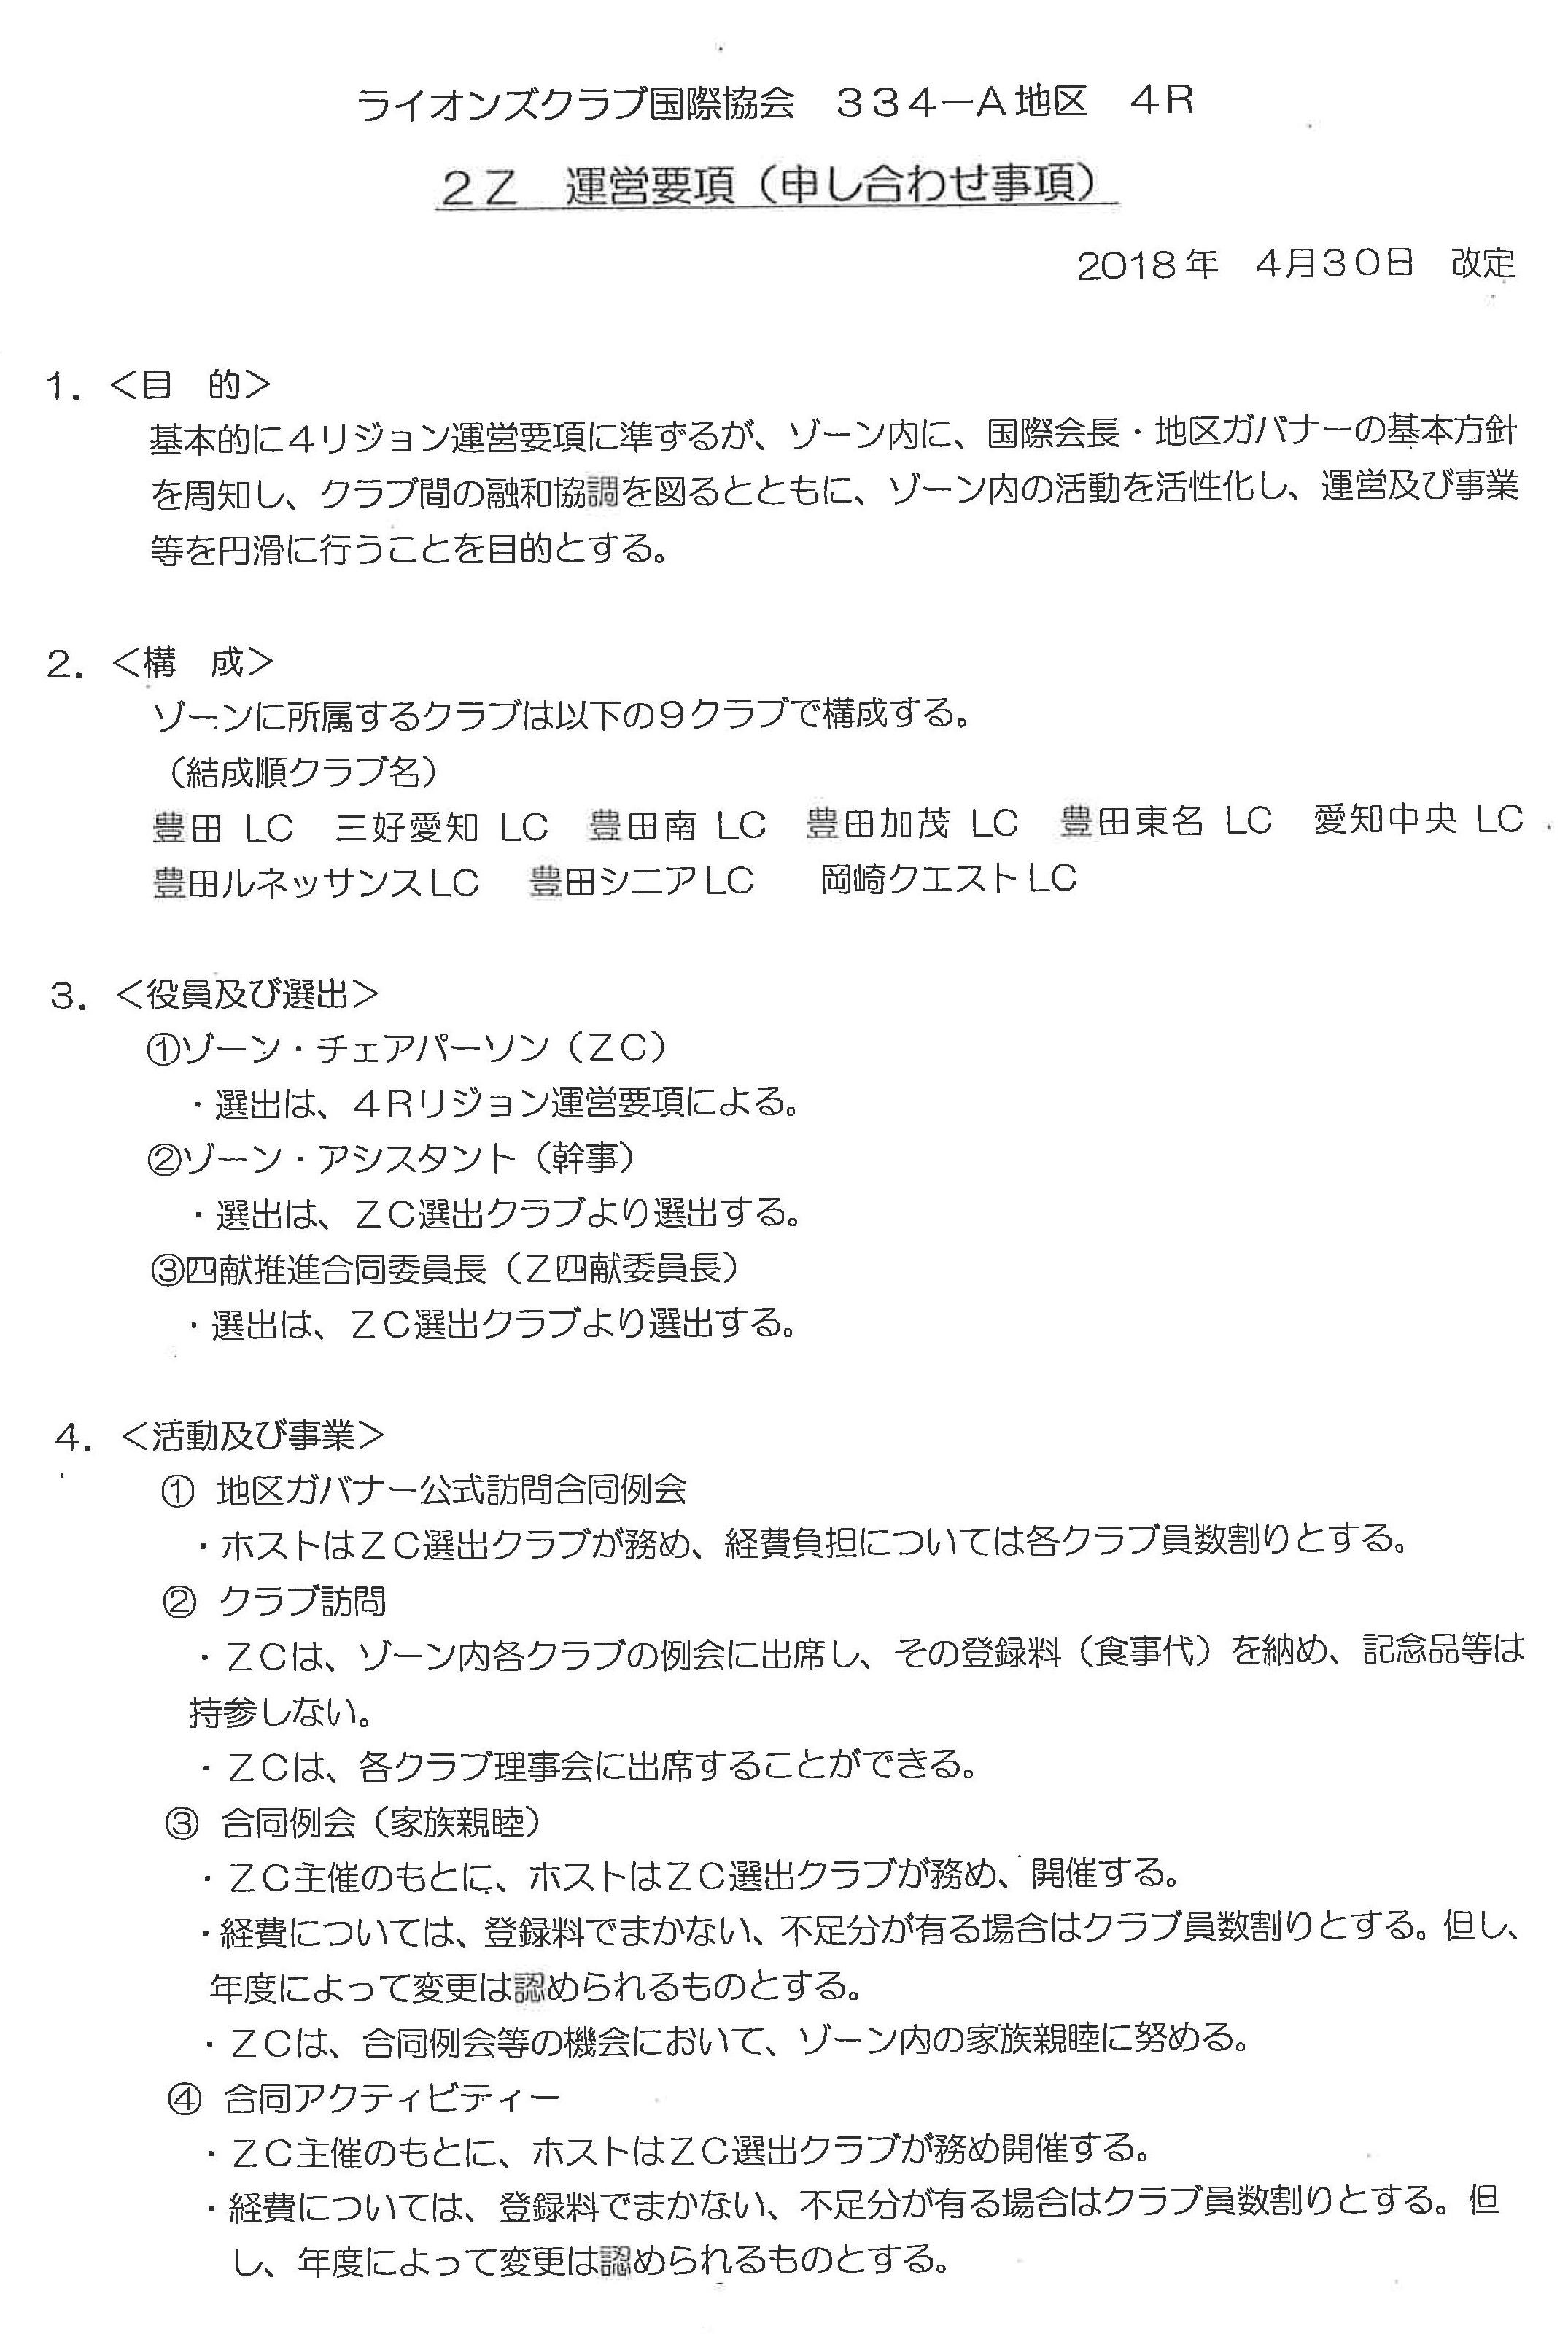 13準備ゾーン会議 2Z 運営要項(申し合わせ事項)1